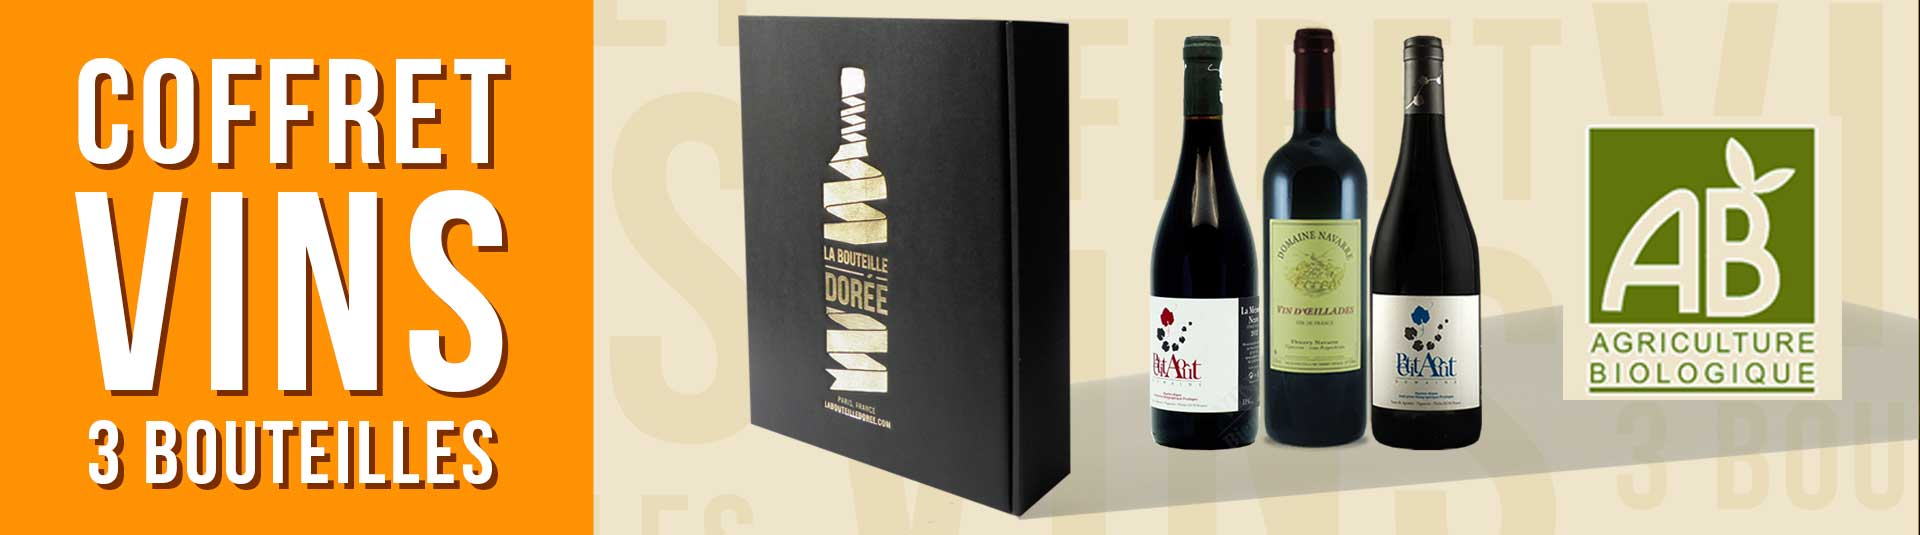 Coffret vin rouge BIO cépages rares 3 bouteilles